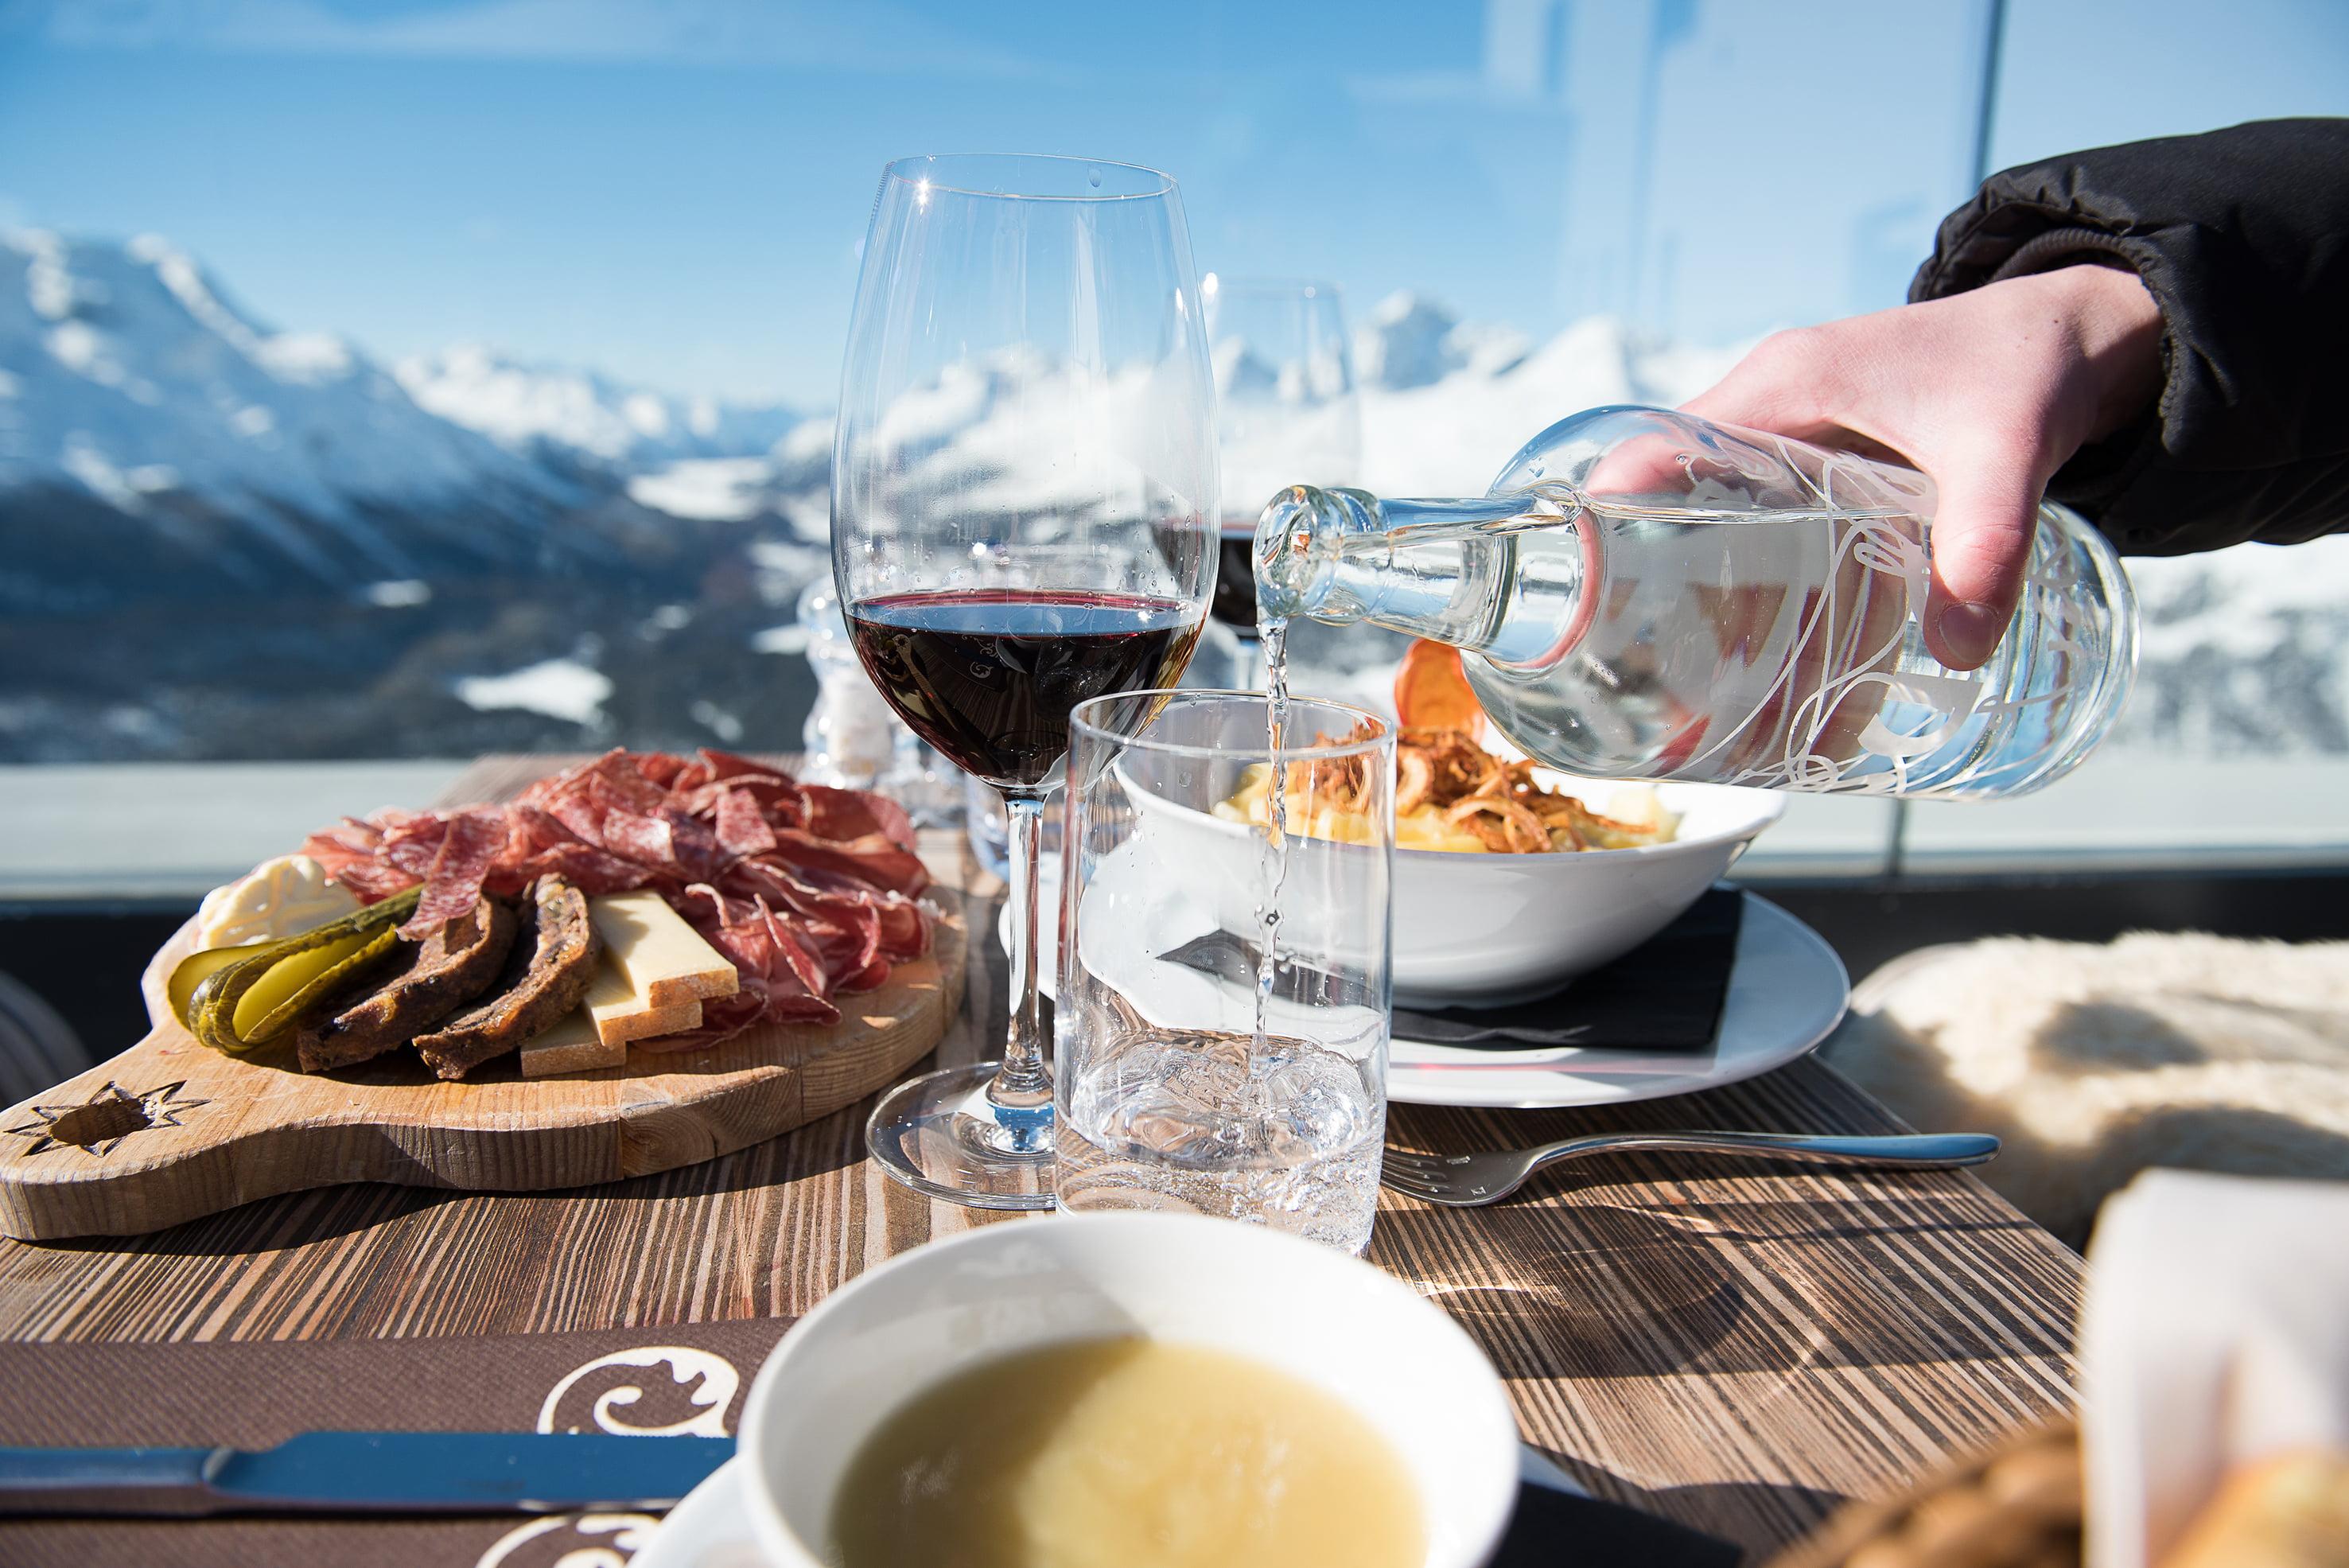 Panoramic restaurant Muottas Muragl